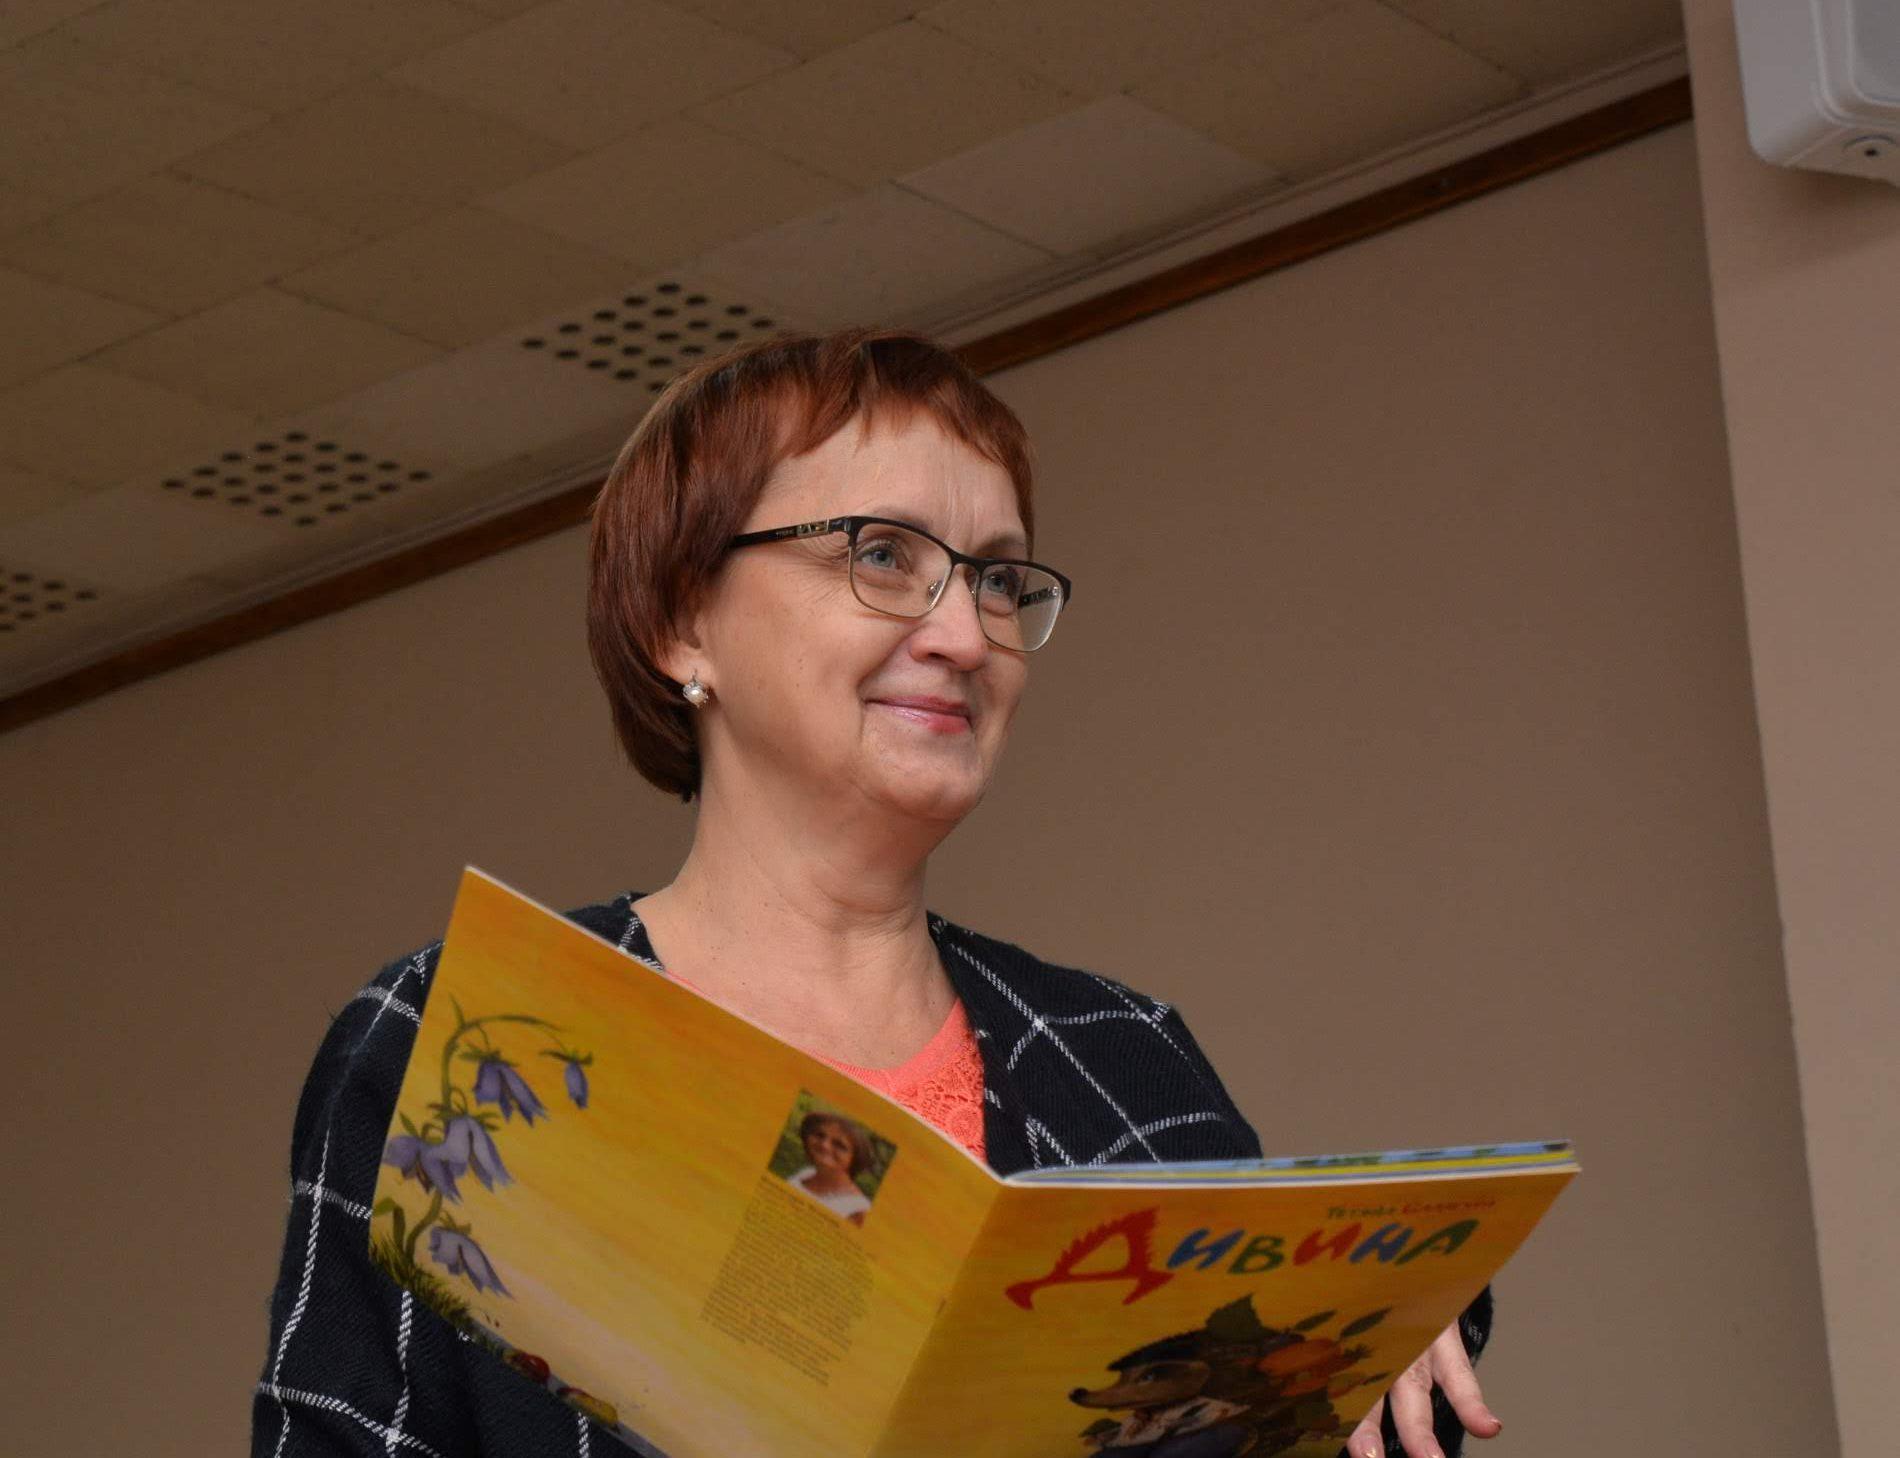 Творча зустріч та презентація книги Тетяни Балагури  «Дивина»